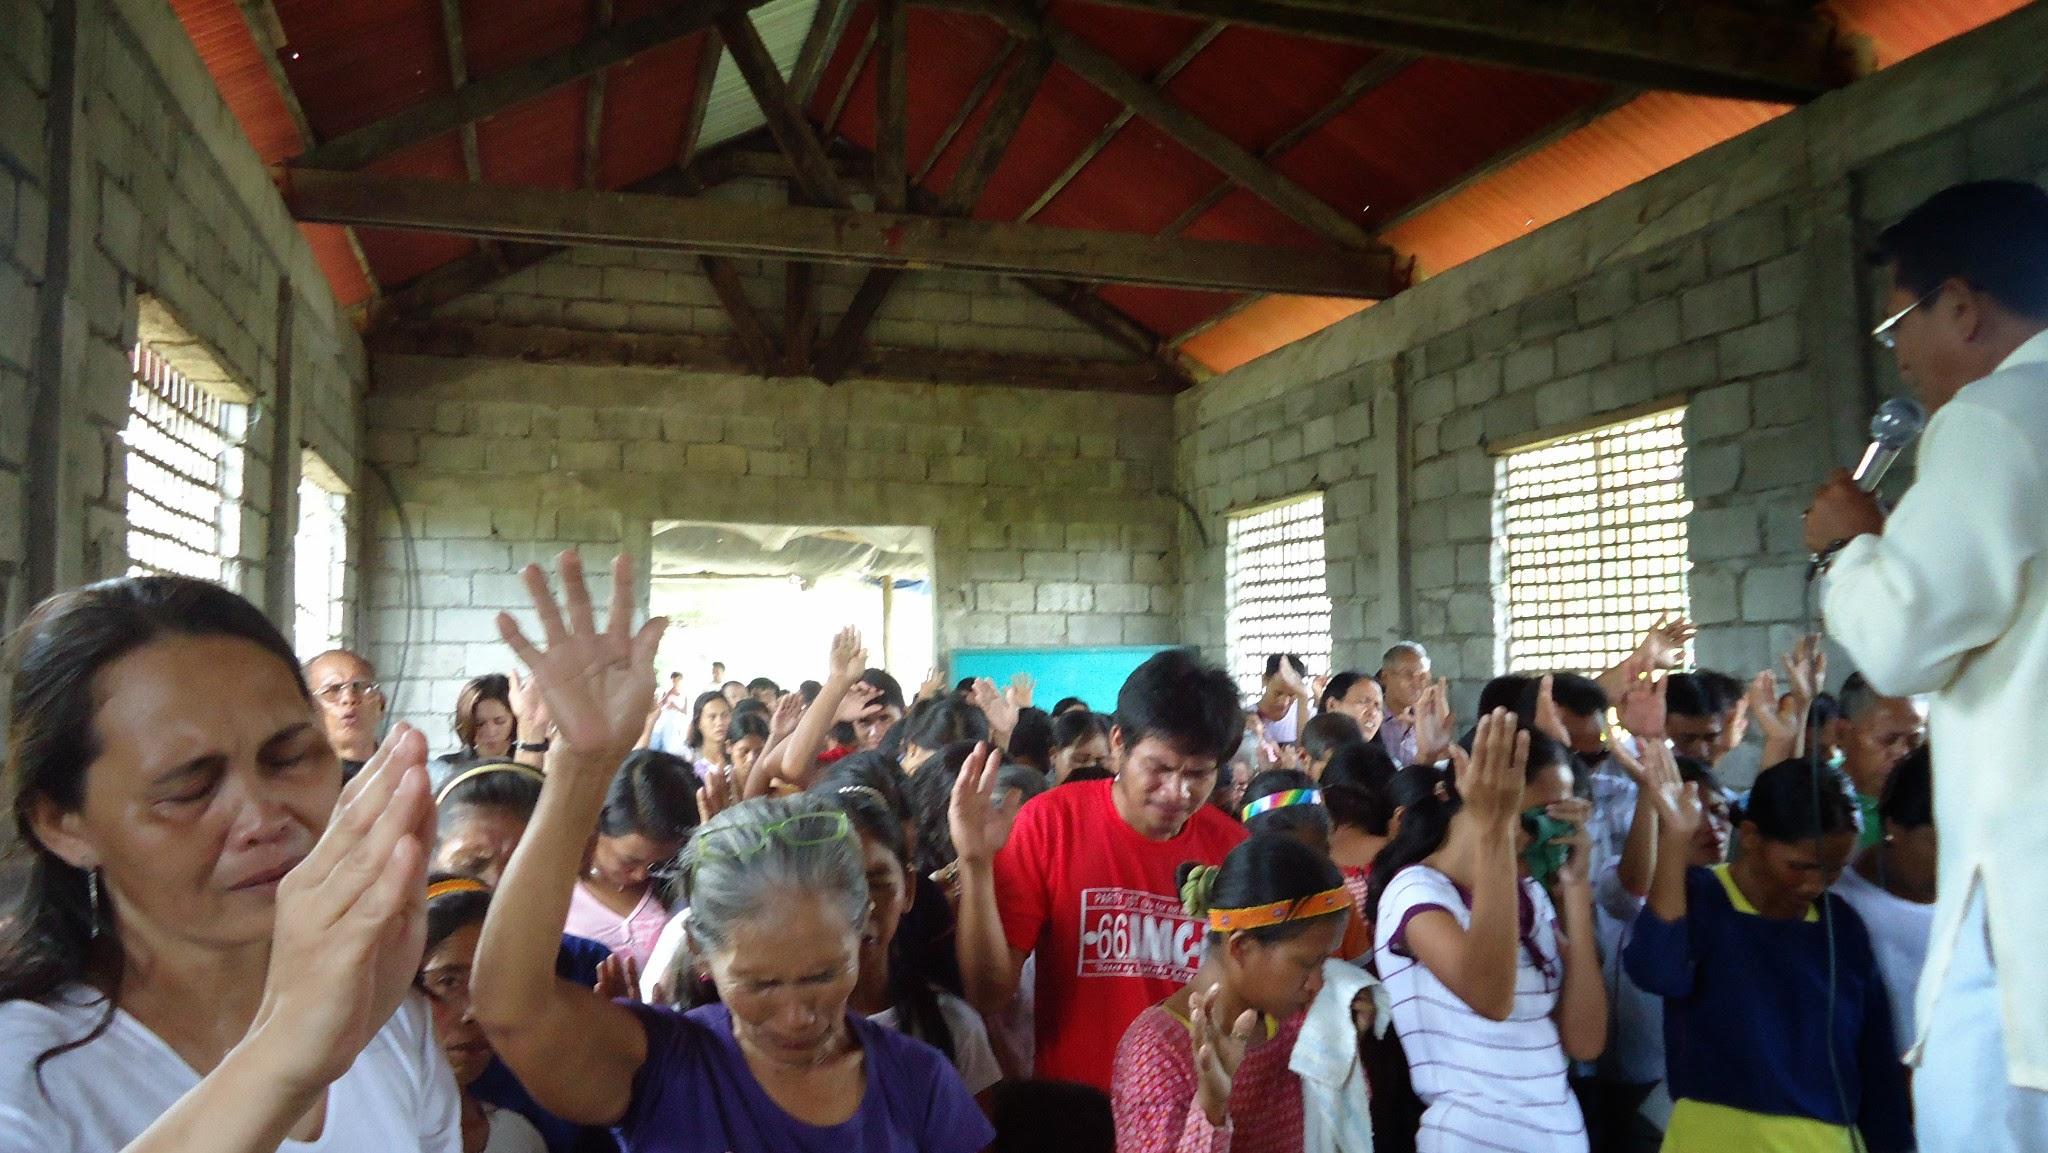 Photo: Ensimmäinen kokous menossa ja pastori Edwin Sonio saarnaa.